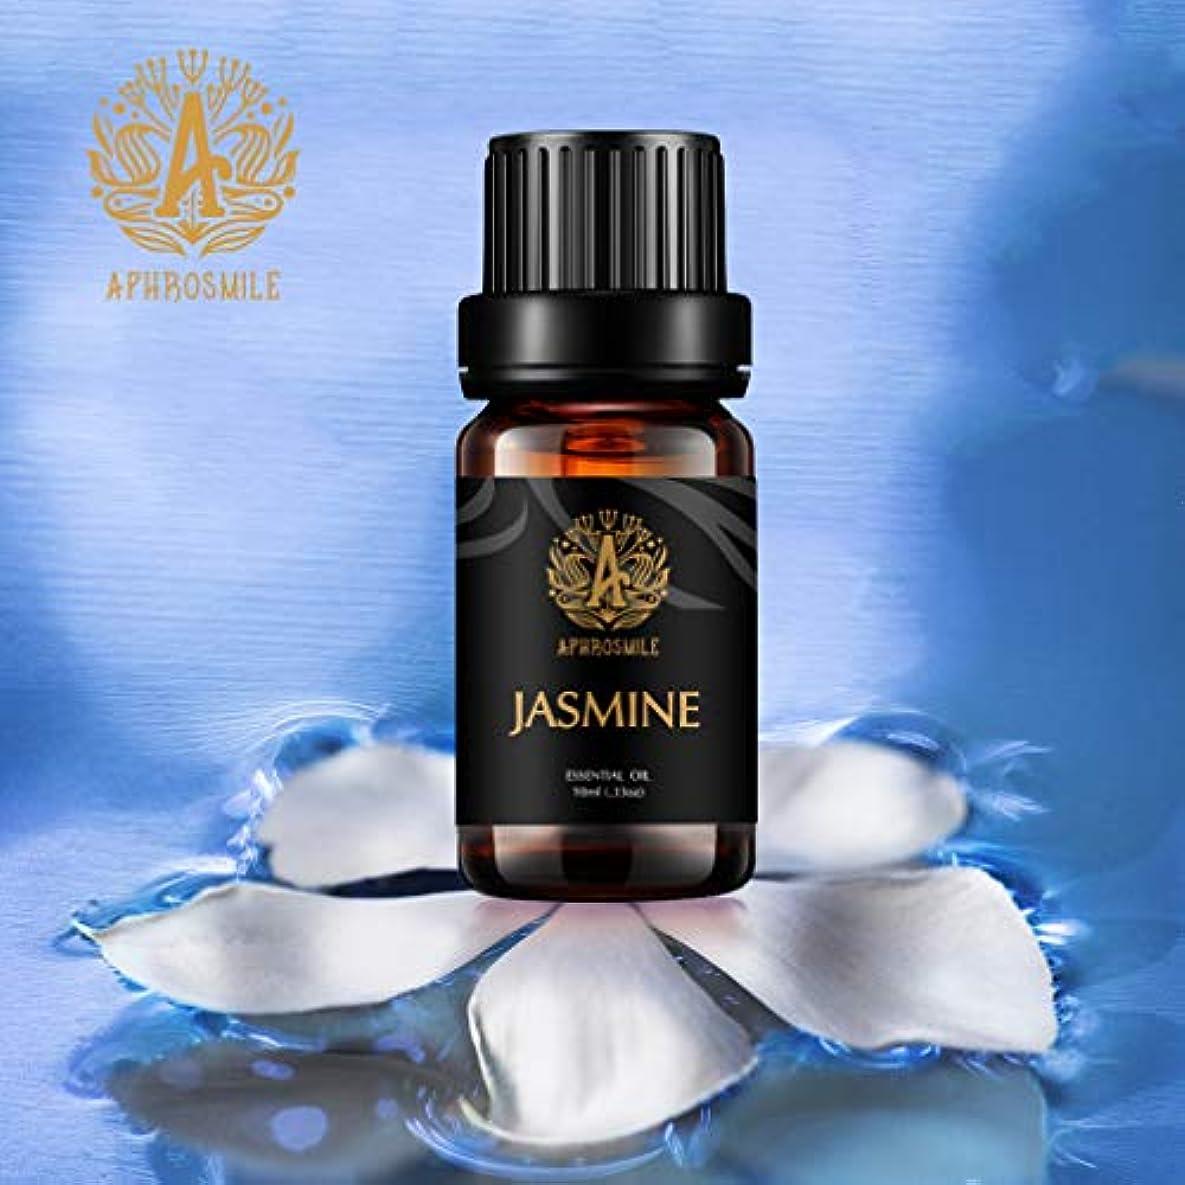 ハウス分類コンプライアンスジャスミンエッセンシャルオイル、100%純粋なアロマセラピーエッセンシャルオイルジャスミンの香りと甘い花の香り、治療上の等級の精油のジャスミンの芳香為に拡散器、マッサージ、加湿器、毎日の心配、0.33オンス-10ml